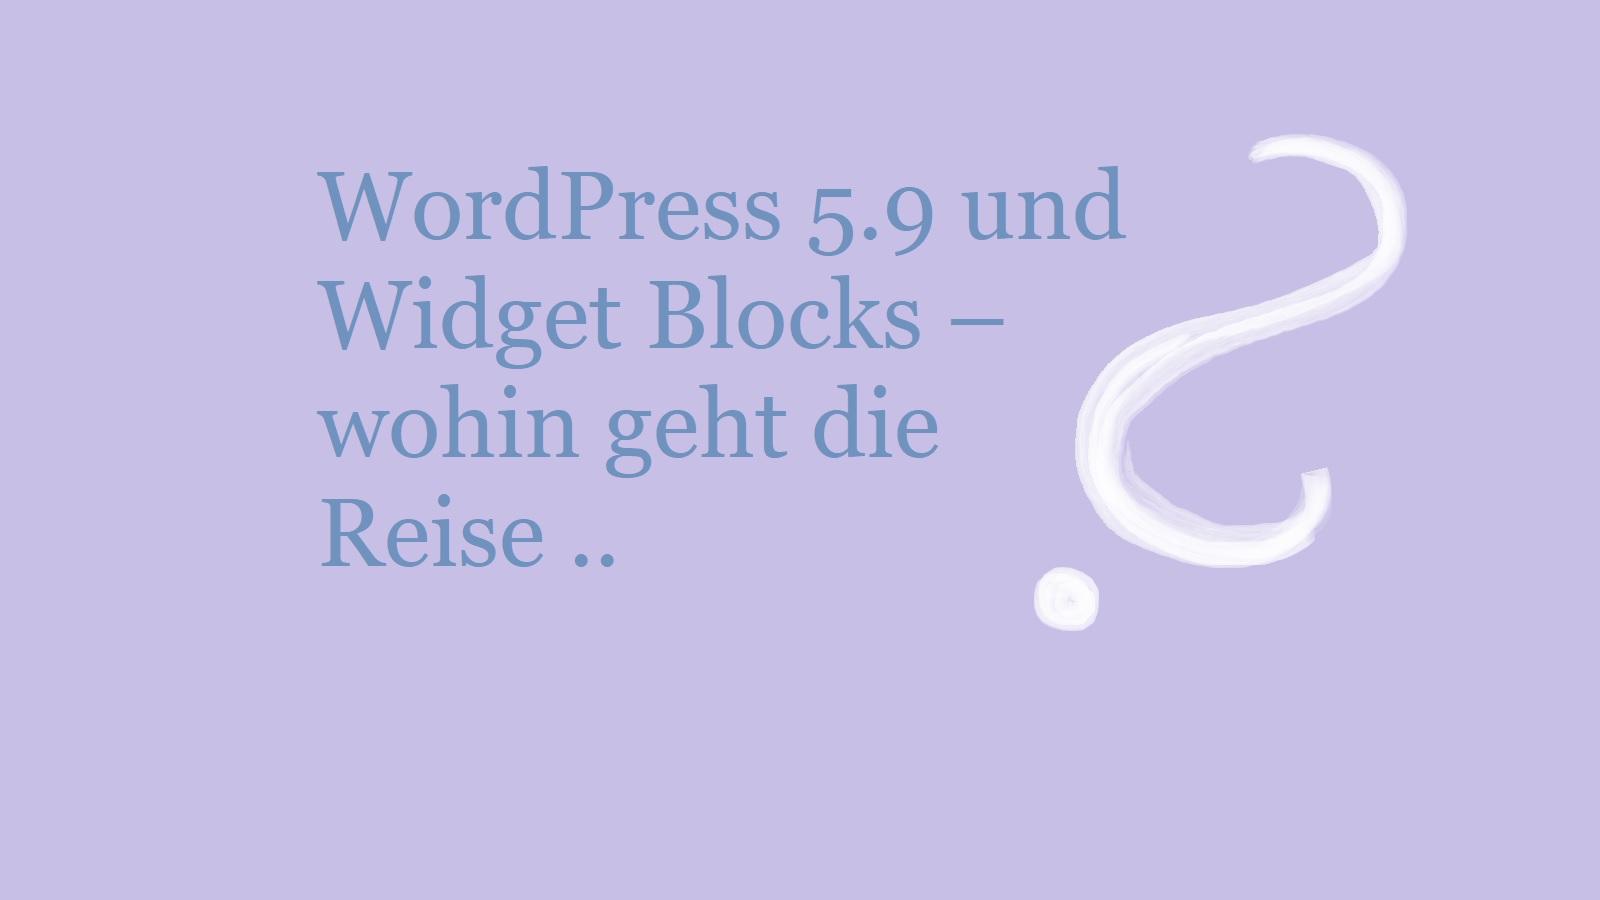 wordpress-5.9-und-widget-blocks